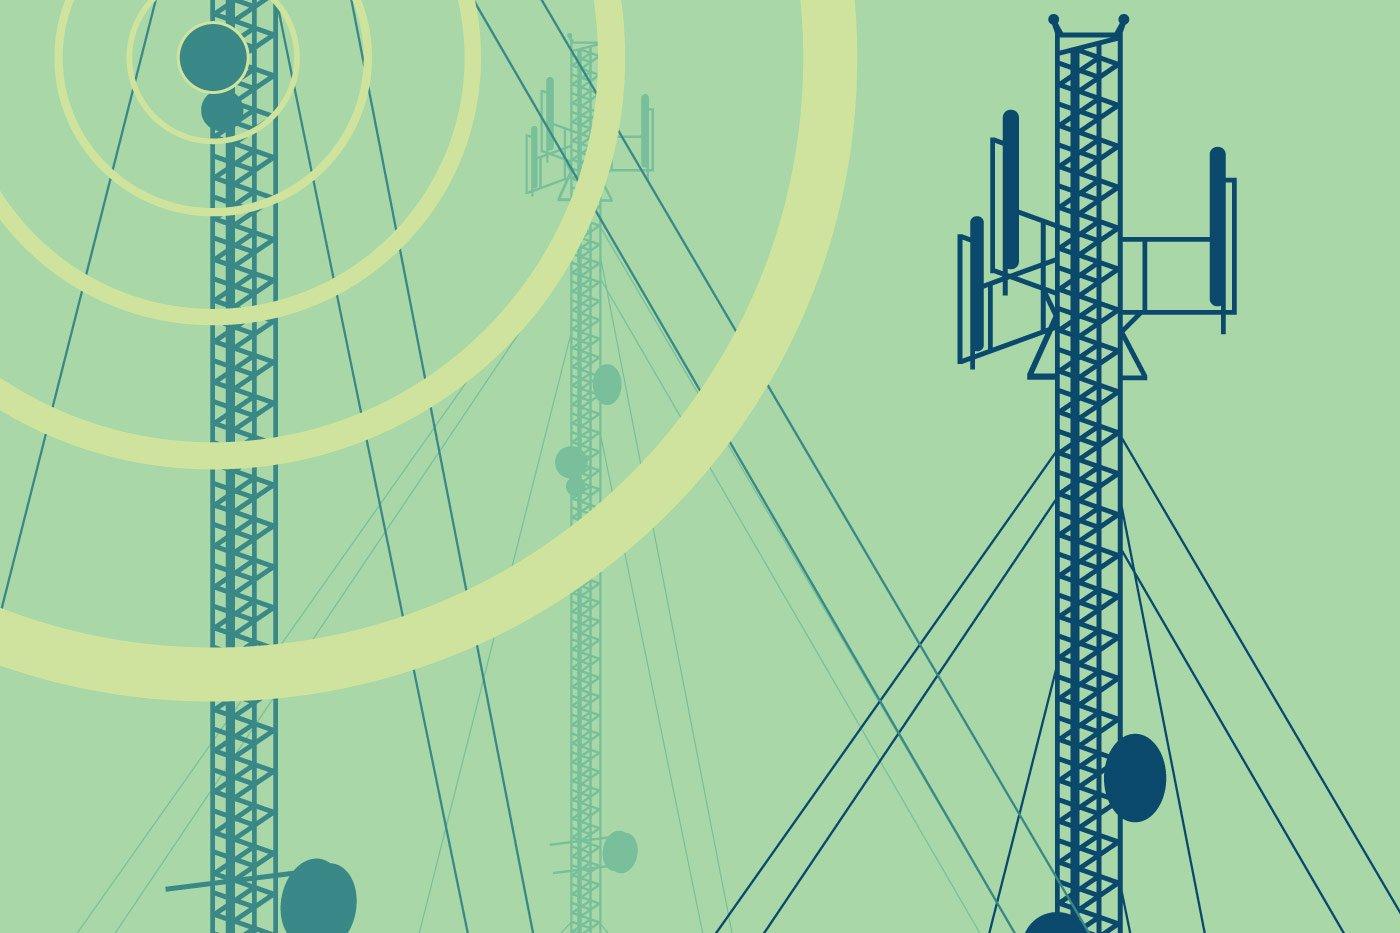 Telecommunications - Mobile Telecommunication Company of Iran